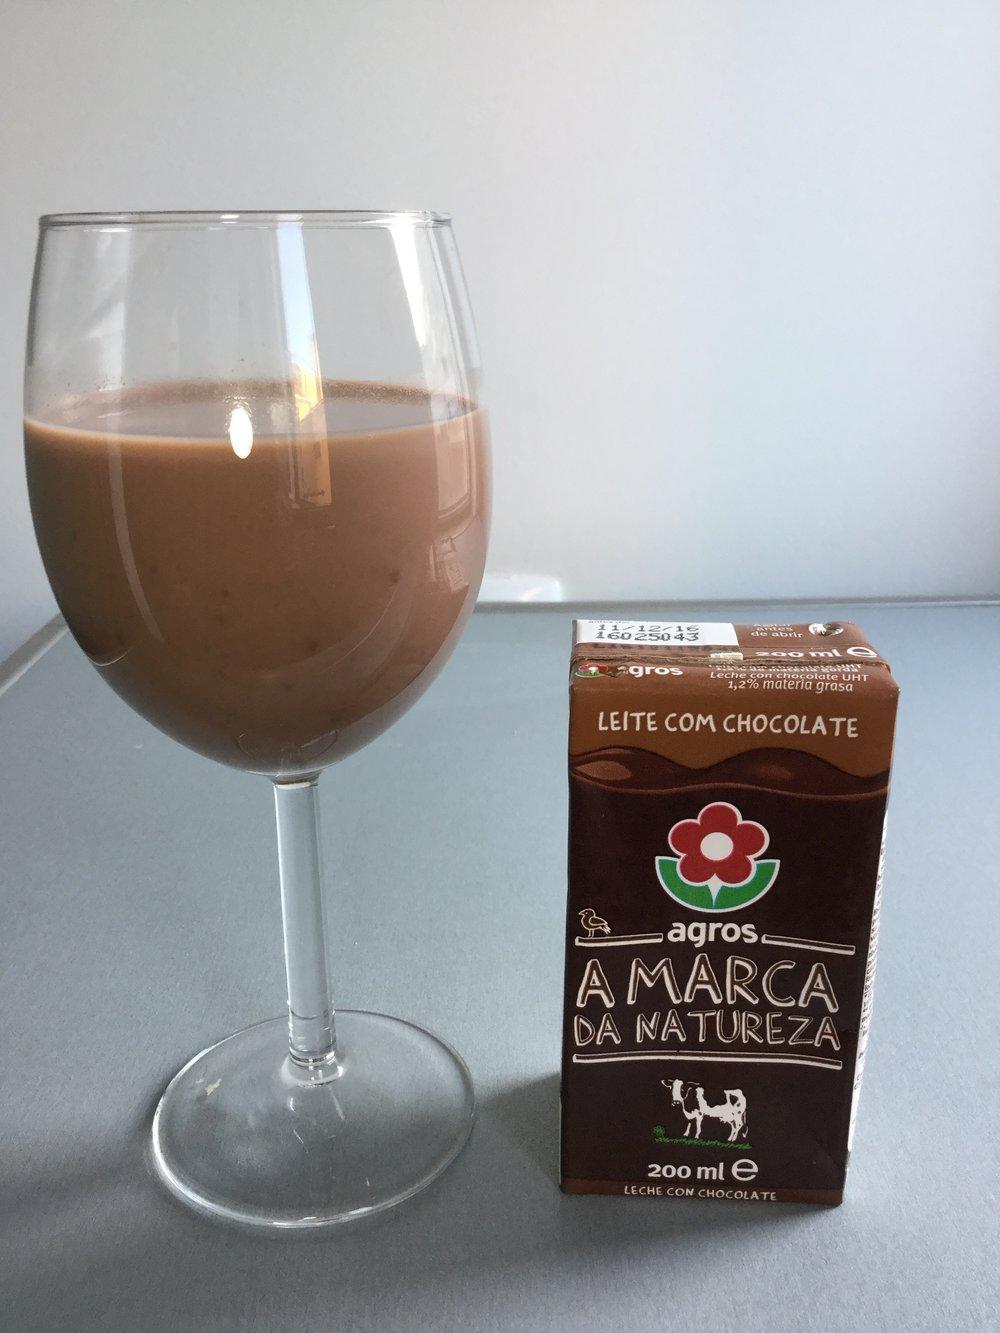 Agros Leite Com Chocolate Cup